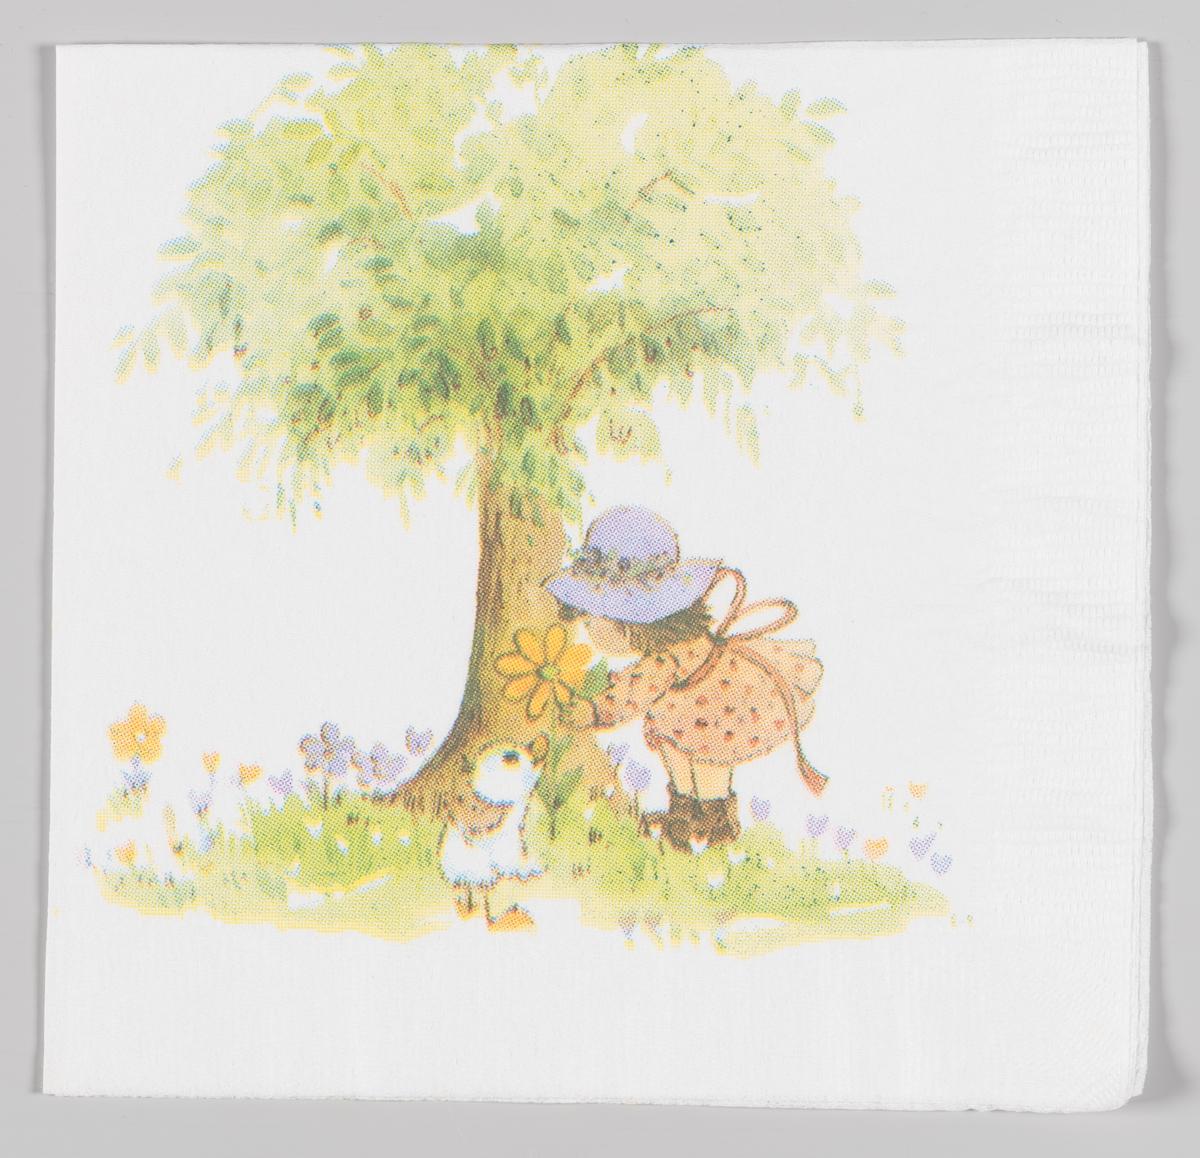 En jente med kjole og hatt gir en blomst til en and. Hun står foran et tre blant masse blomster.